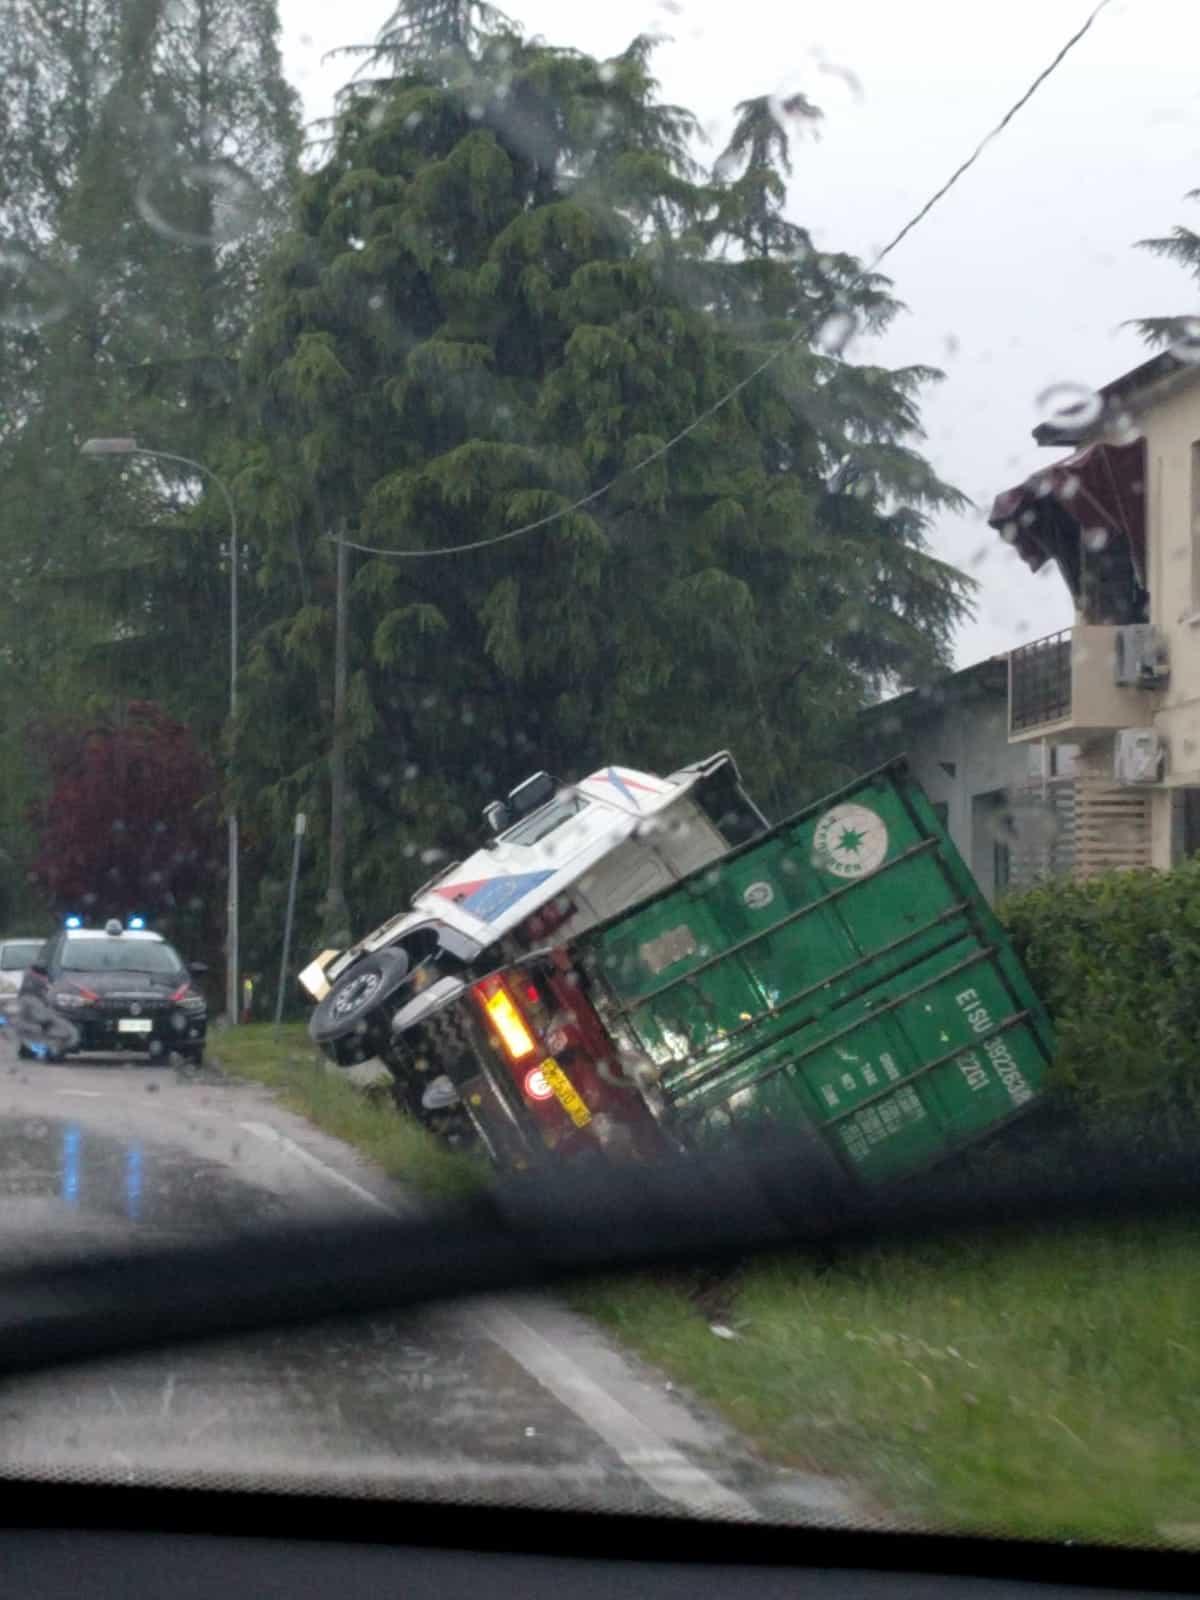 Camion fuori strada 2-3